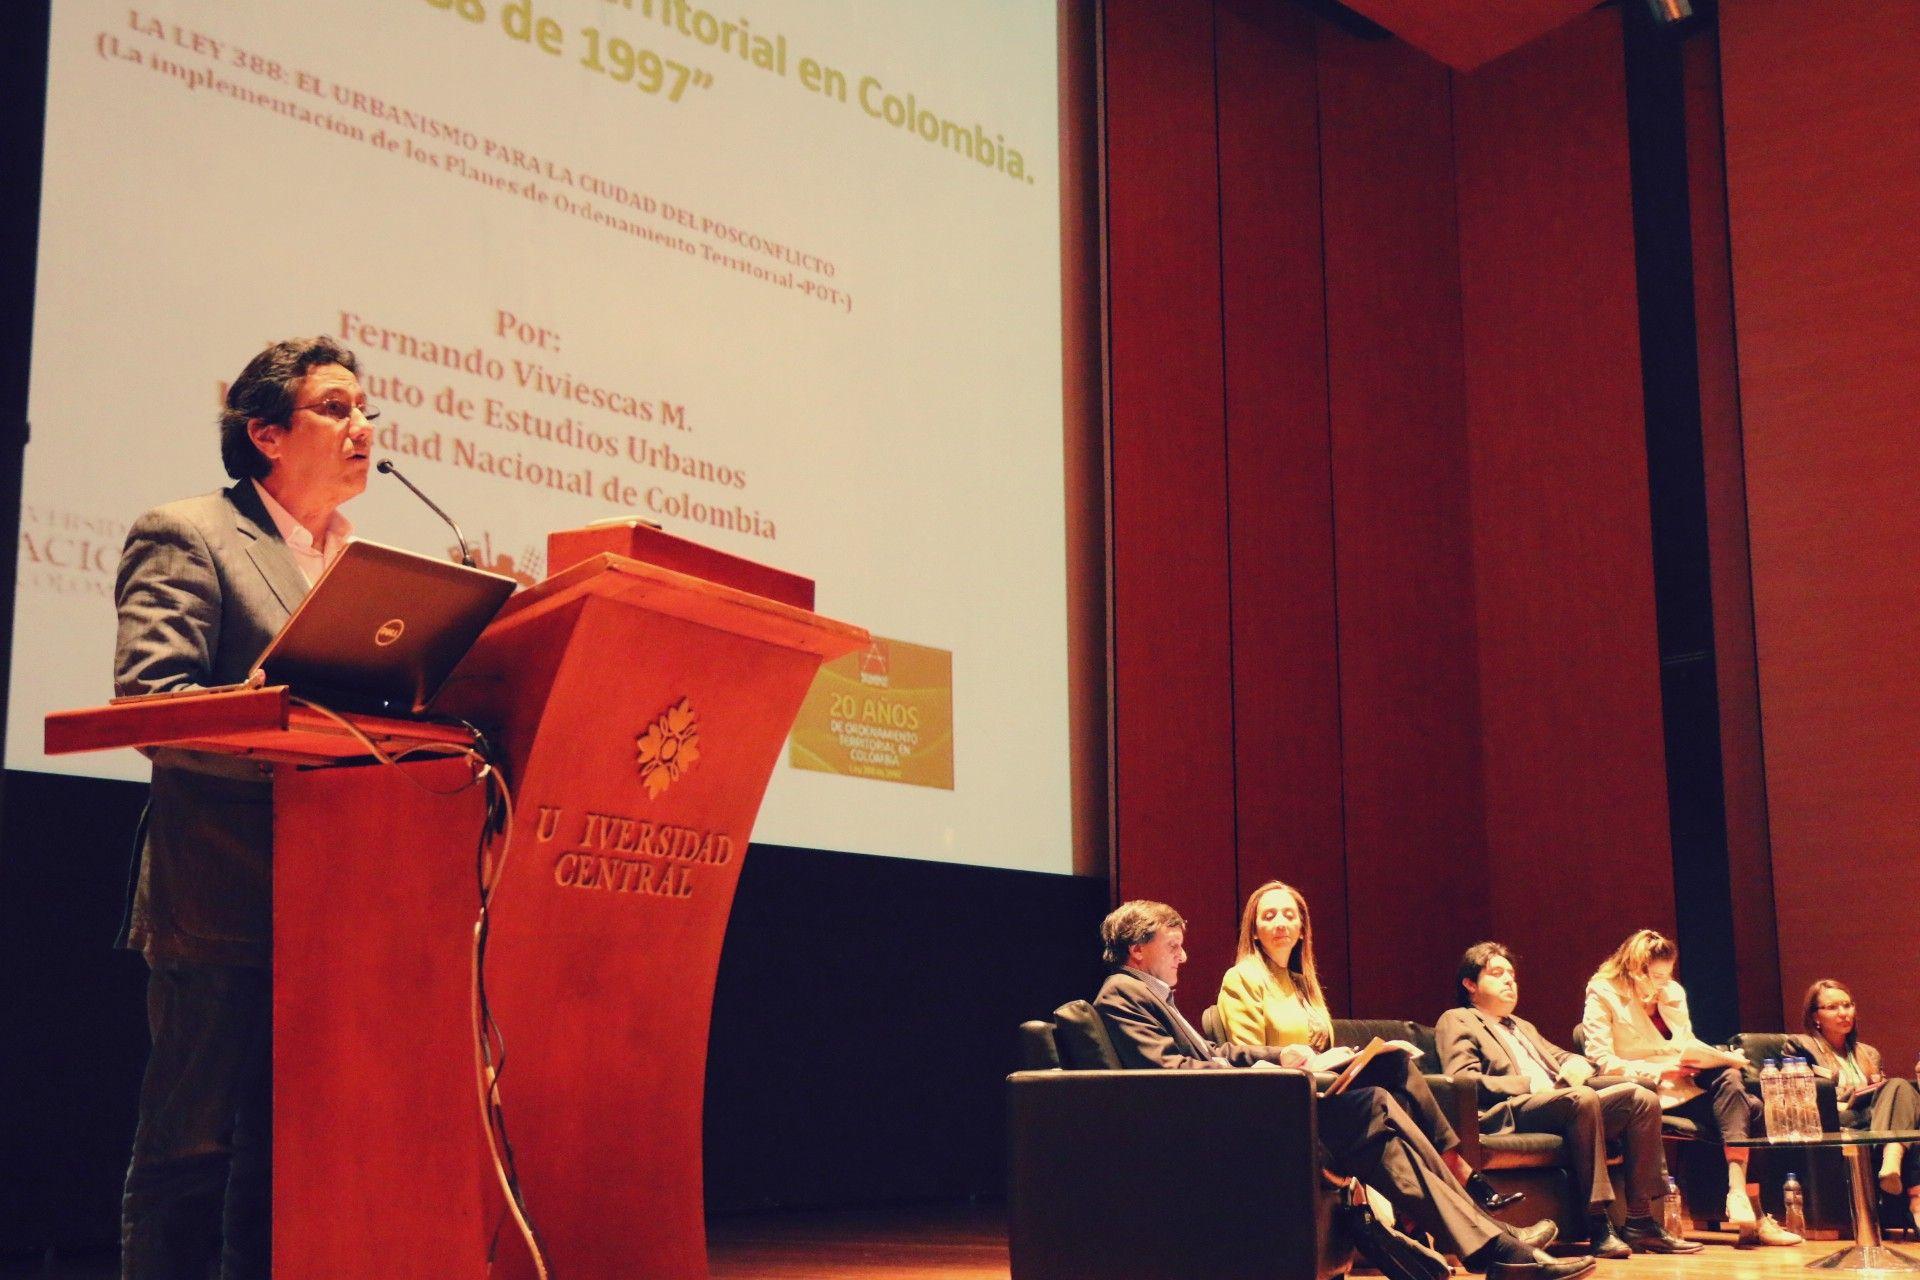 Foto: Profesor Fernando Viviescas (IEU)